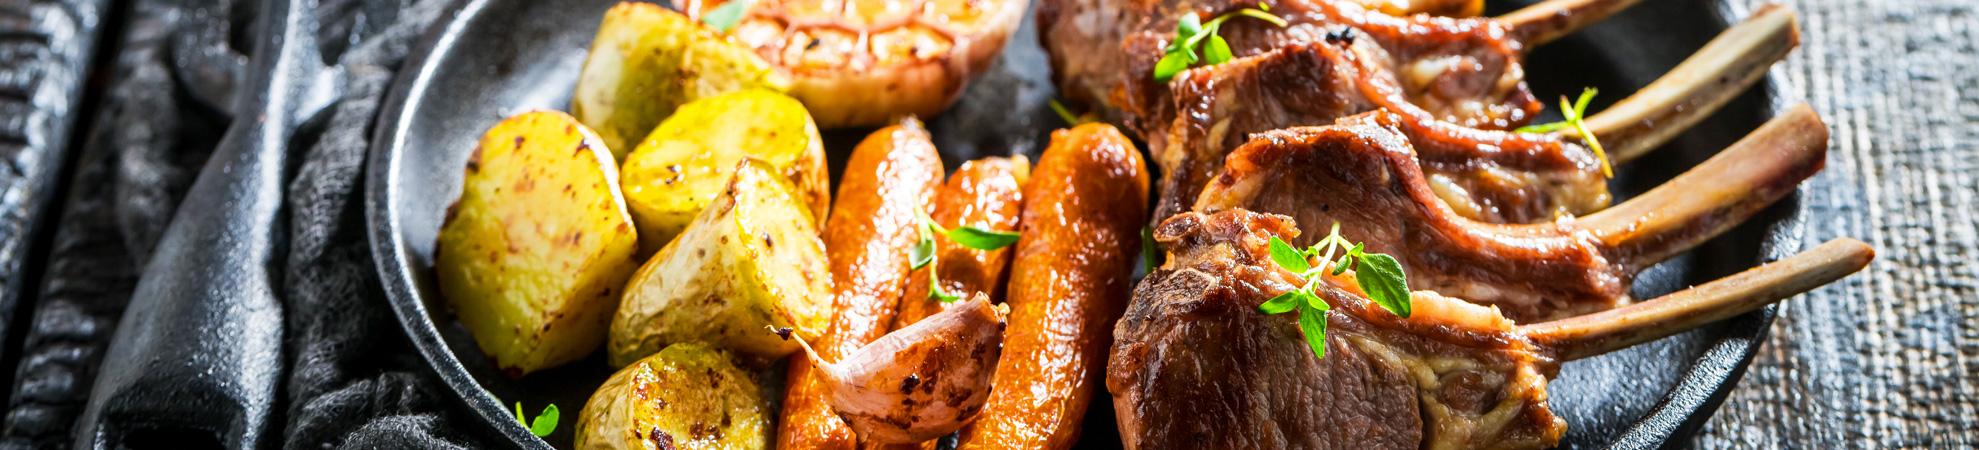 Les spécialités culinaires en Nouvelle-Zélande